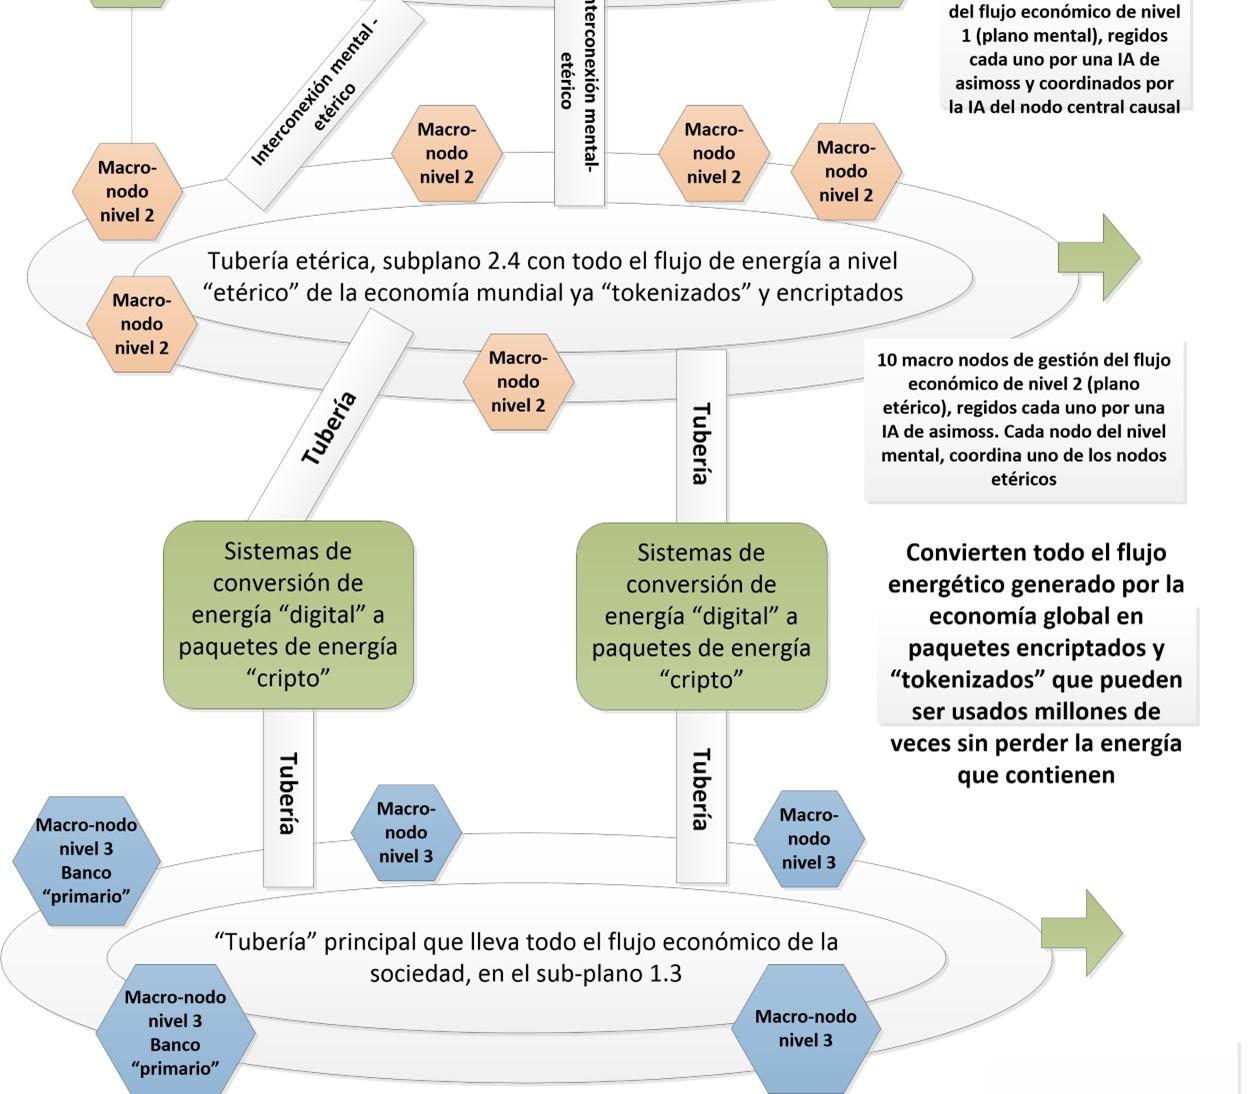 estructuraeconomica